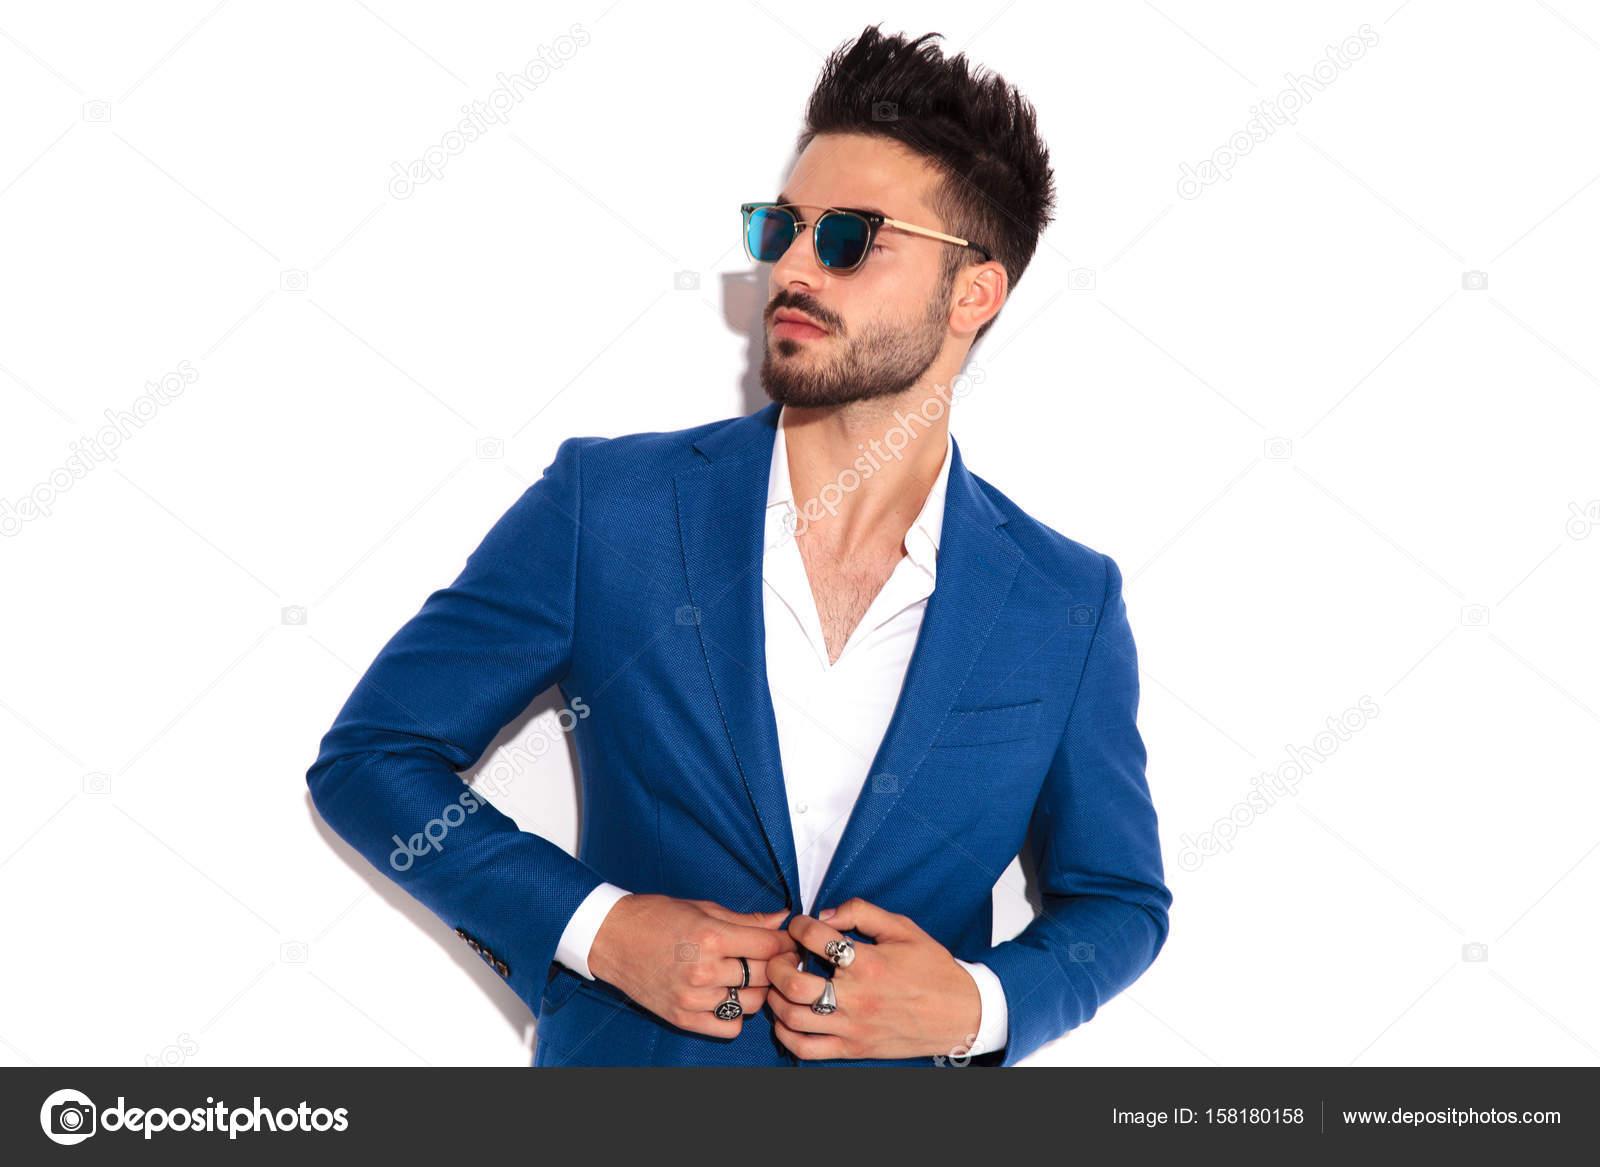 De Se Gafas Sol Y Llevaba Elegante Que Abotonarse Su Hombre Traje T1JKclF